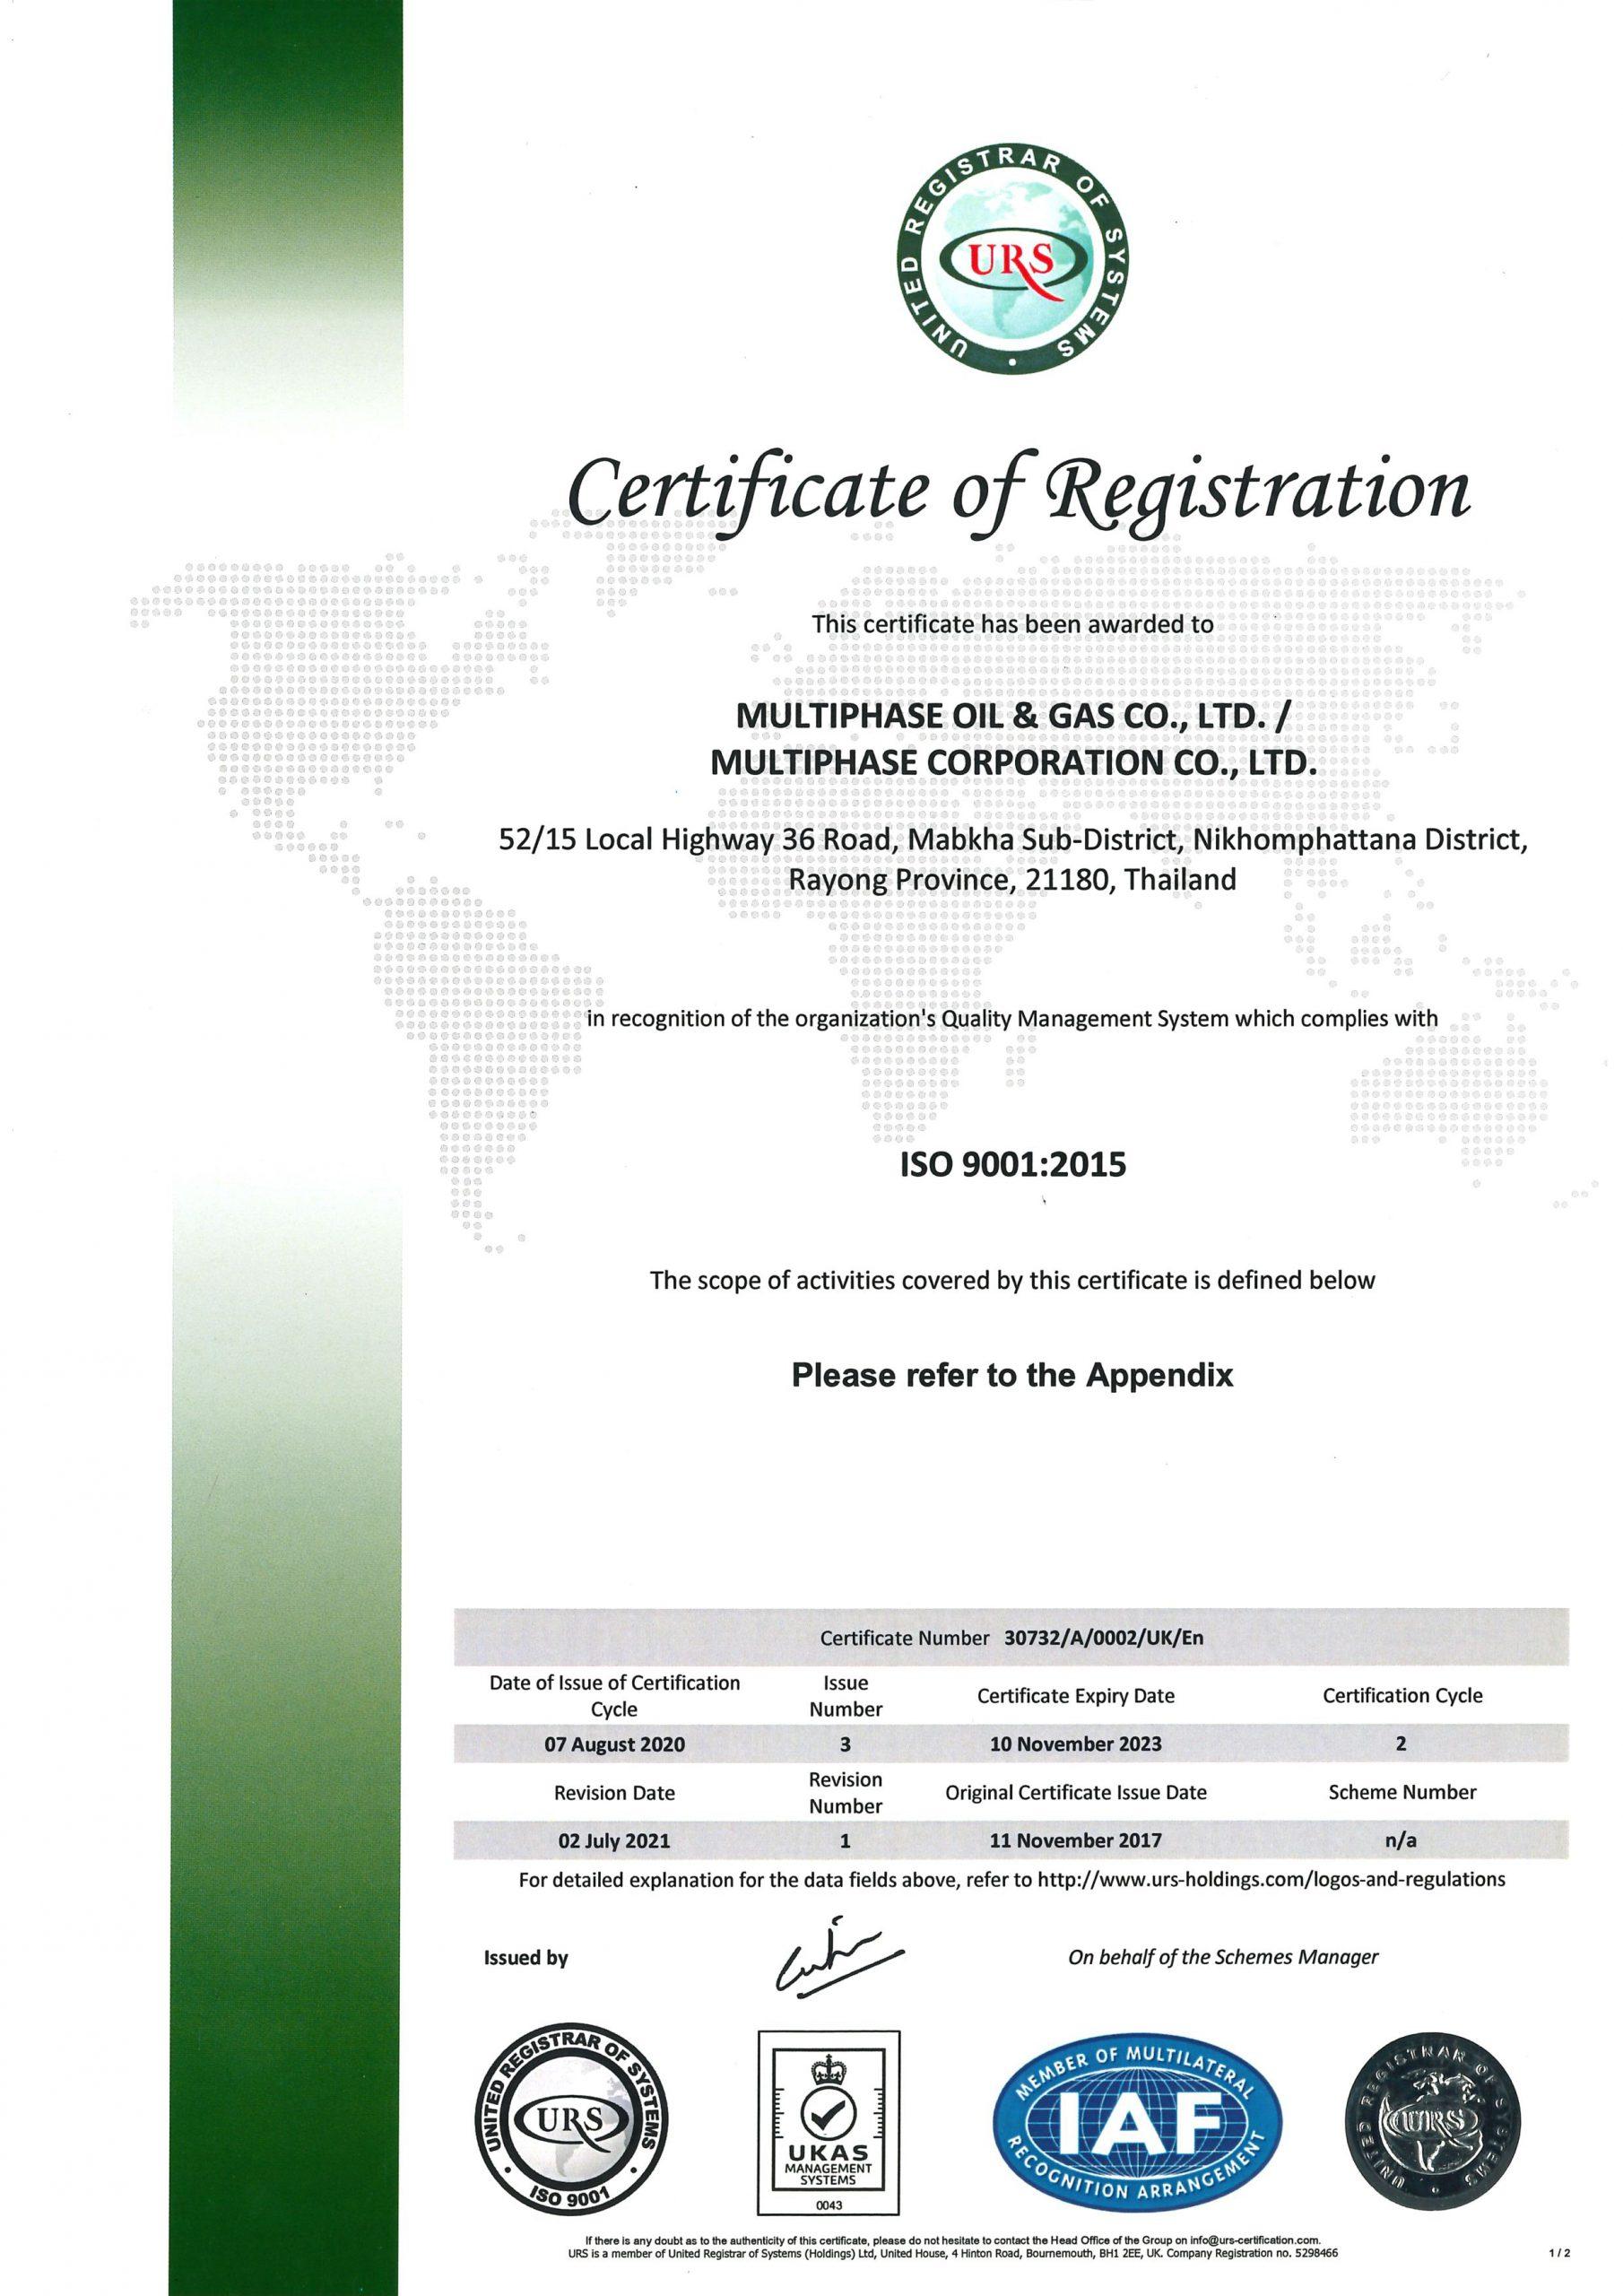 ใบรับรองมาตรฐานสากล ISO9001:2015 certificate